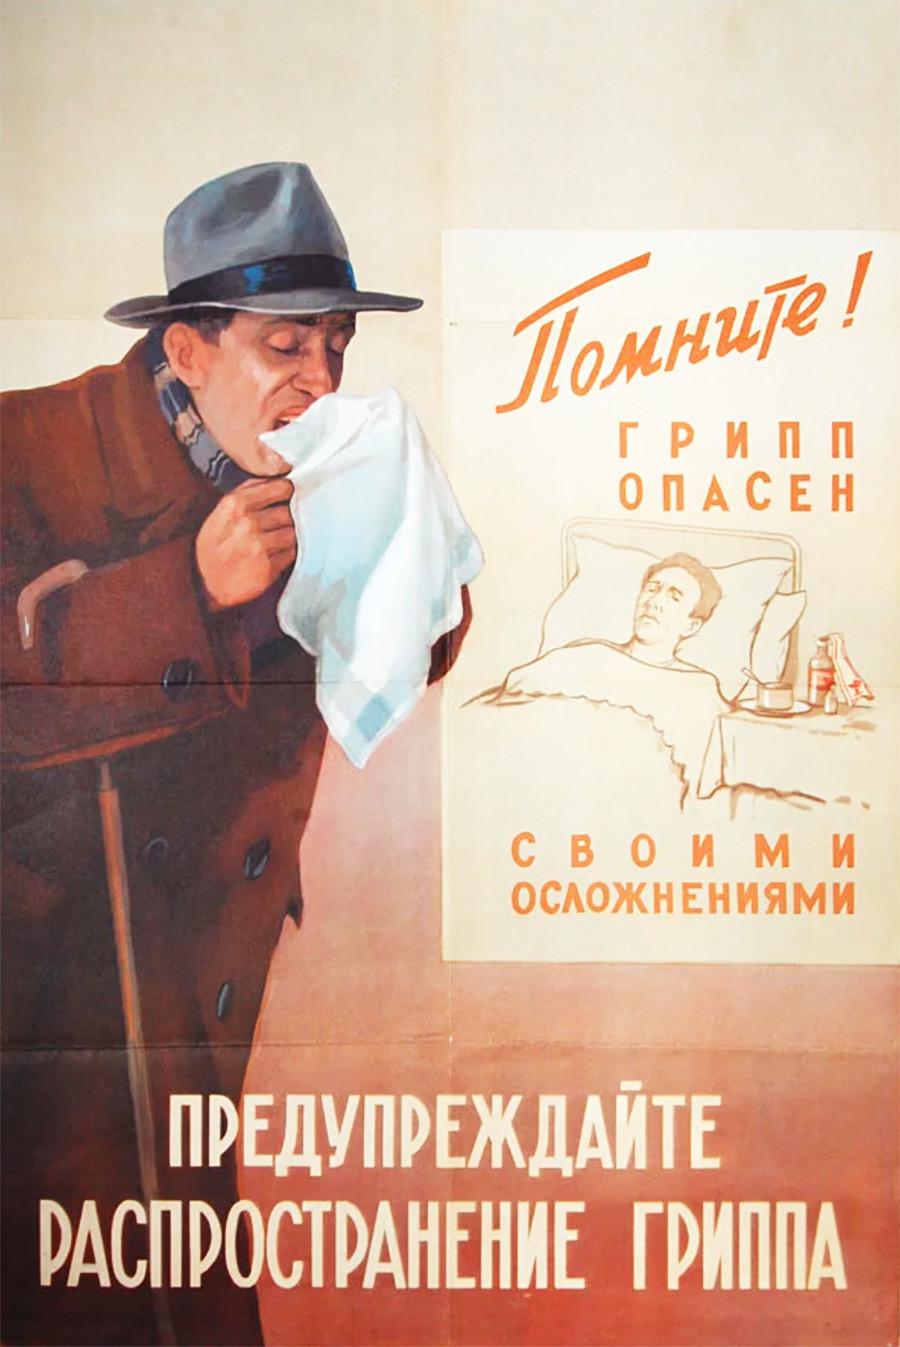 Наглядная медицина СССР: избранные советские плакаты о здоровье